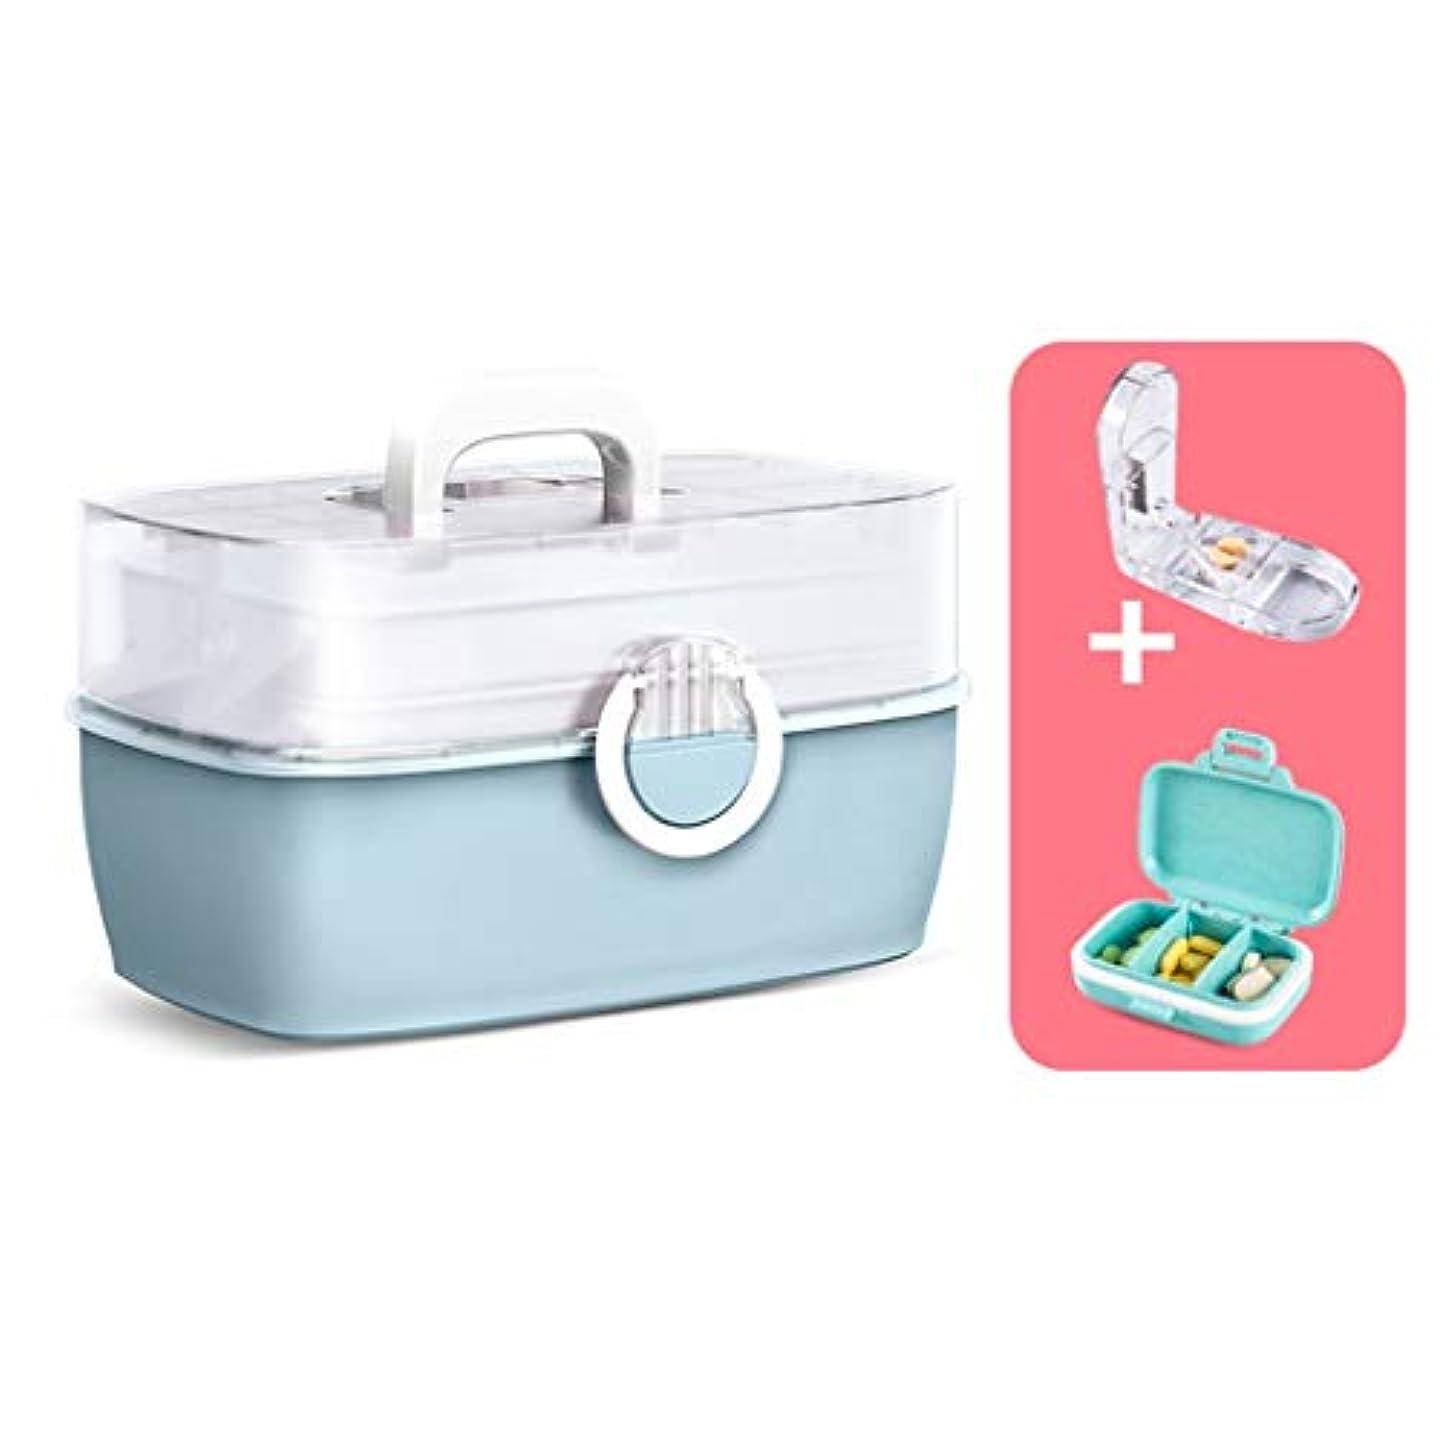 崇拝する思想準備ができて家庭用多層薬箱薬収納ボックスポータブル救急箱キットブルーピンク旅行使用 SYFO (Color : Blue)